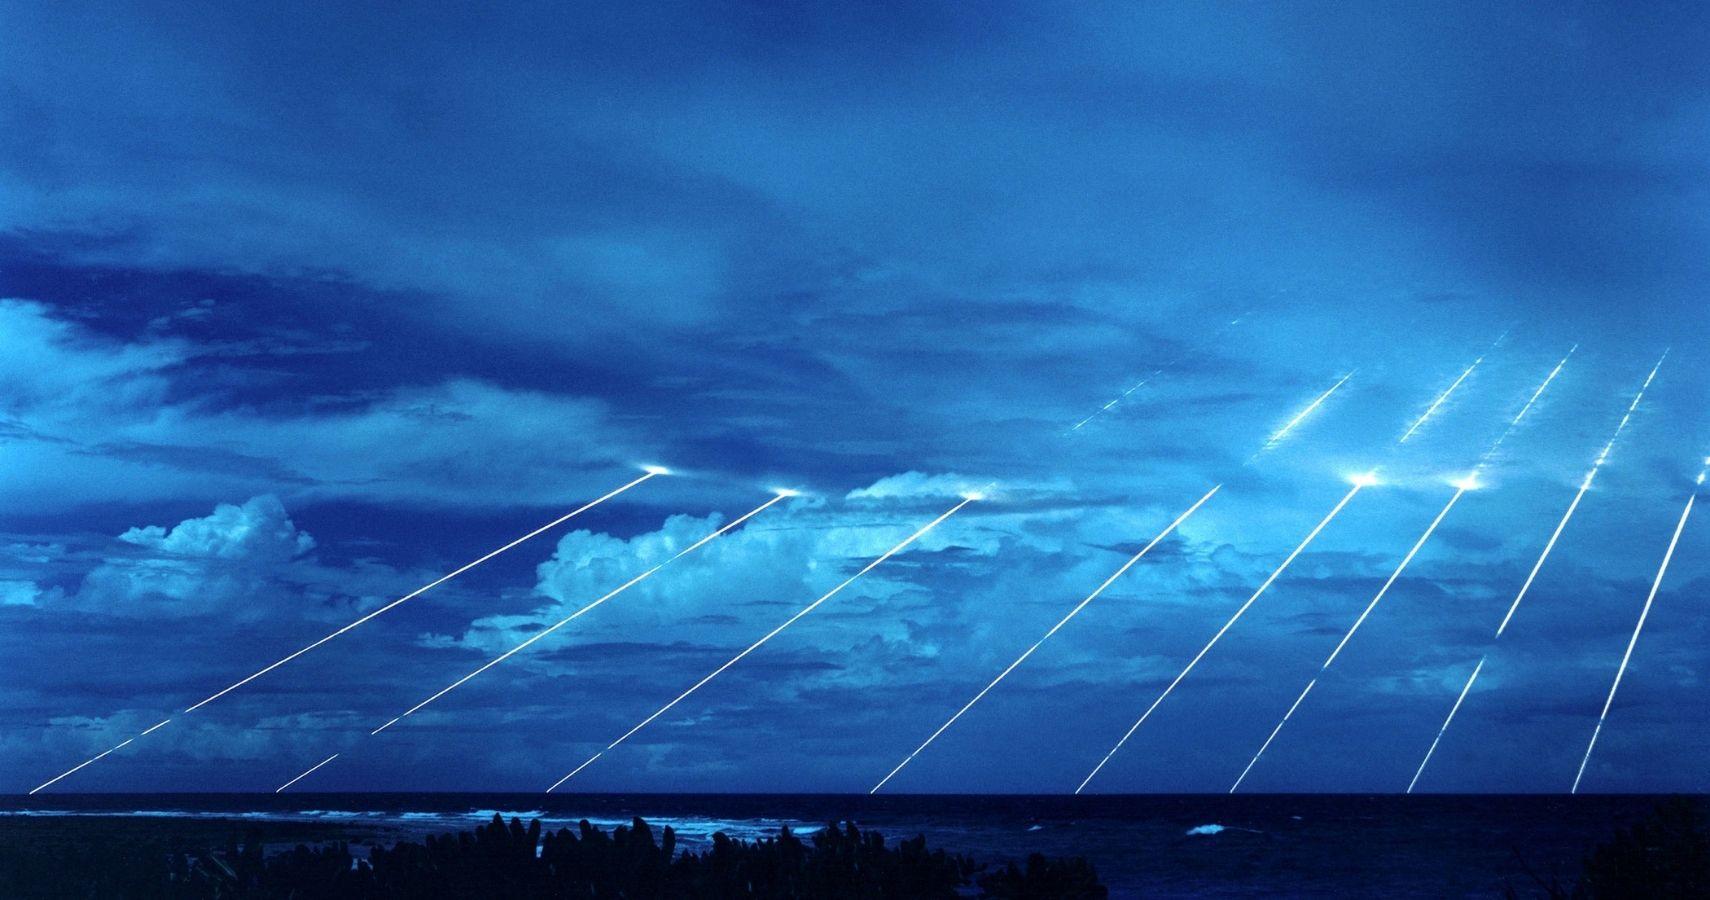 LGM 118 Peacekeeper Missile